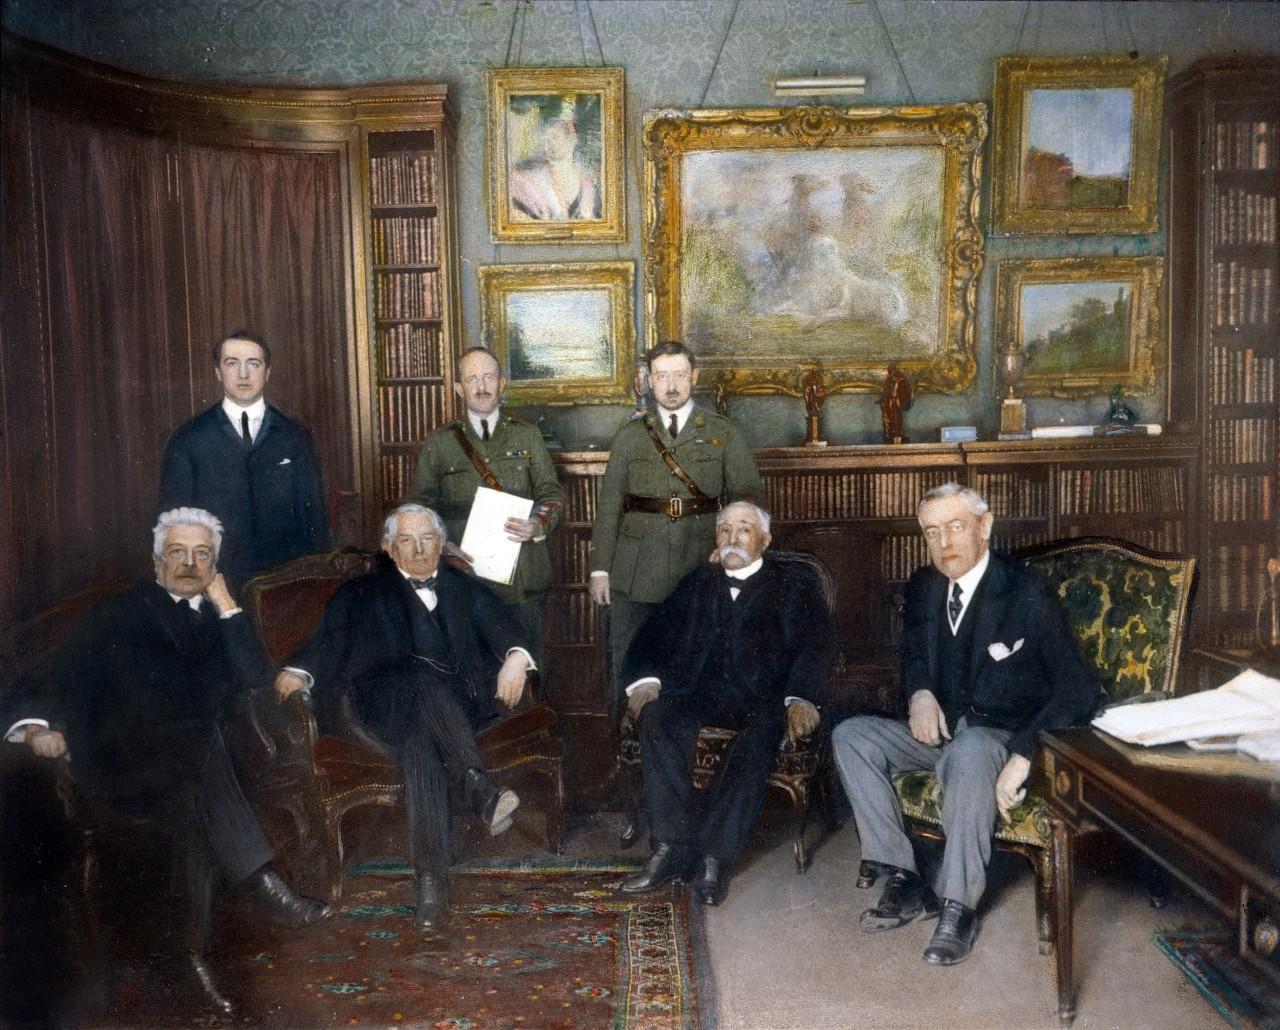 Vittorio Orlando (Italie), David Lloyd George (Angleterre), Georges Clemenceau (France) et Woodrow Wilson (États-Unis) à la conférence de la paix de Paris, en décembre 1918, qui aboutira à la signature du traité de Versailles. © Granger collection / Bridgeman images